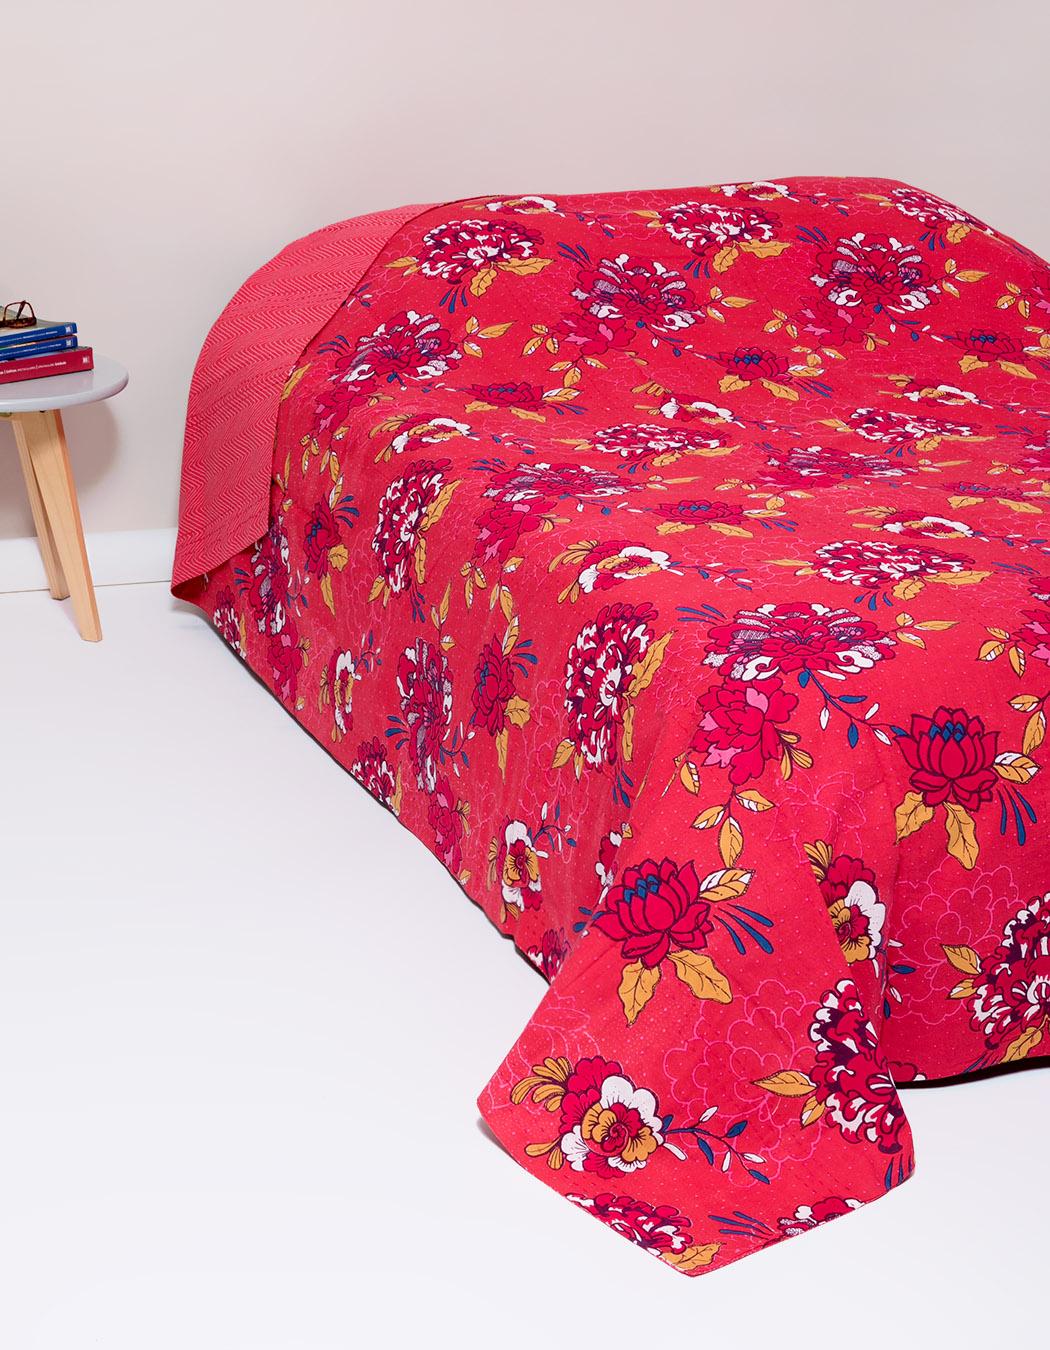 Jeté de lit surpiqué en coton grenadine 240 x 260